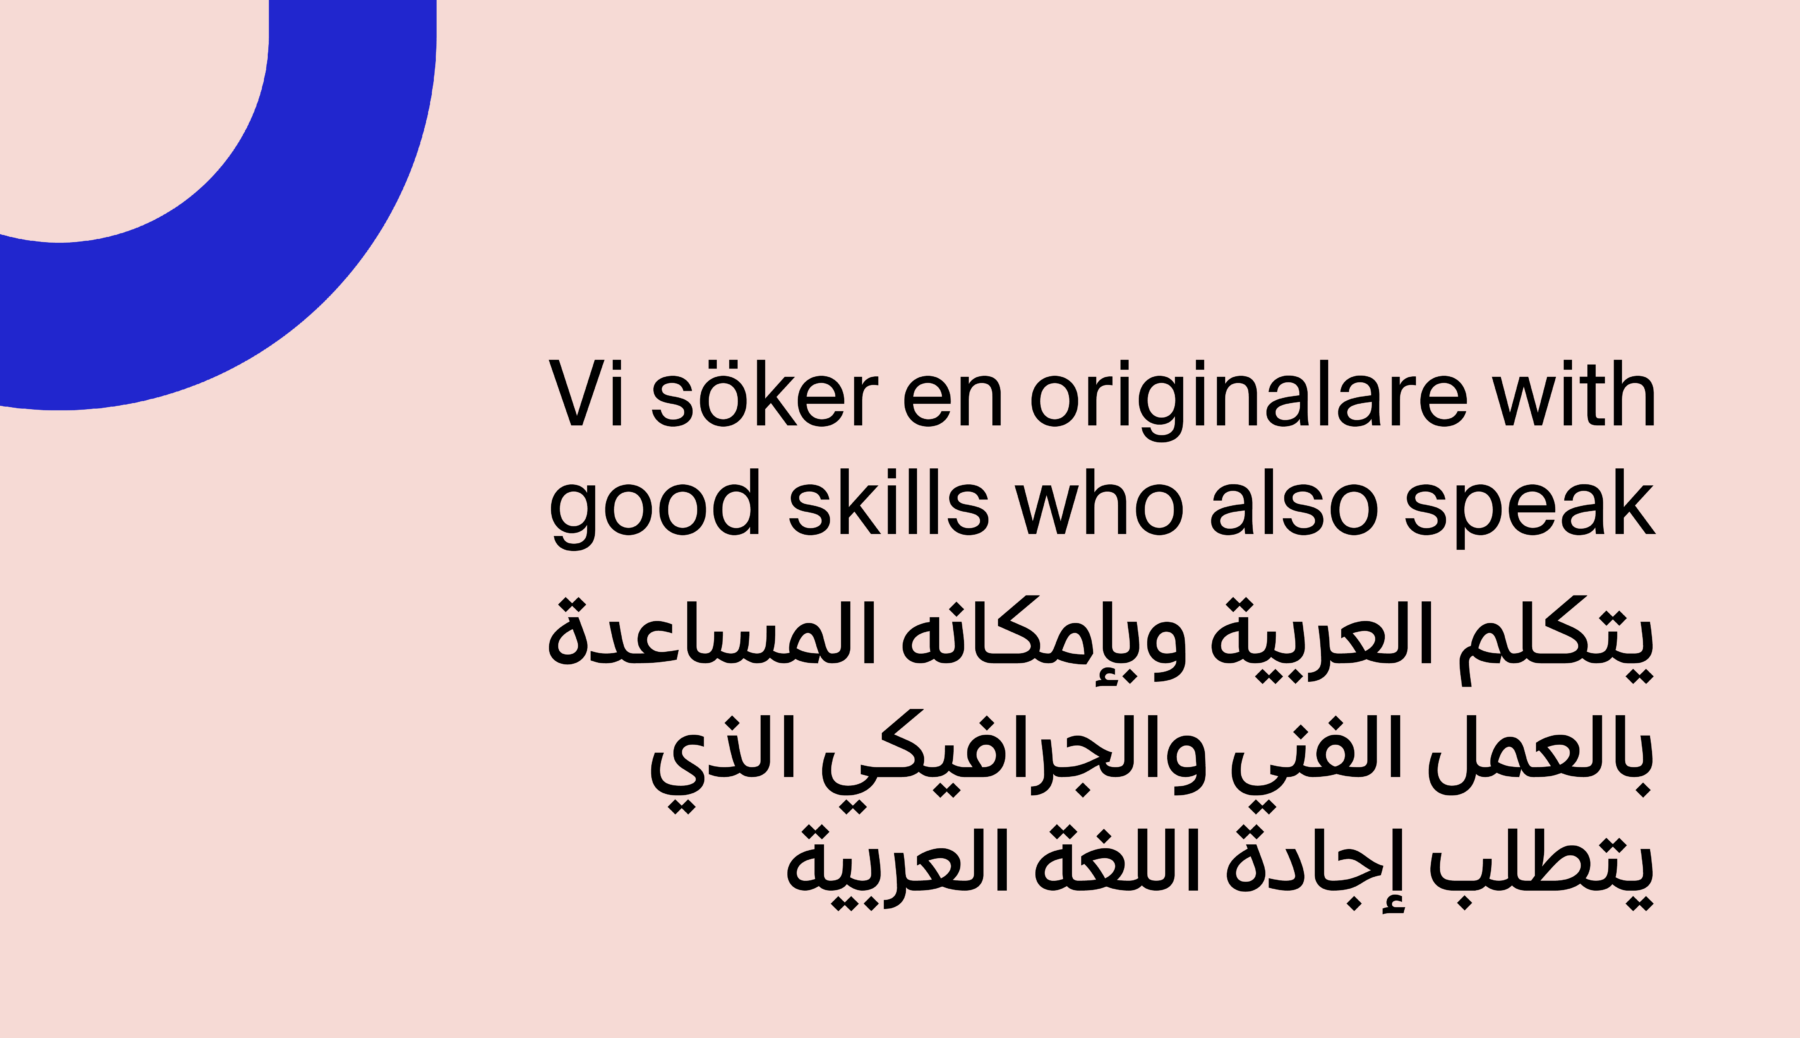 Vi söker en duktig originalare som kan arabiska